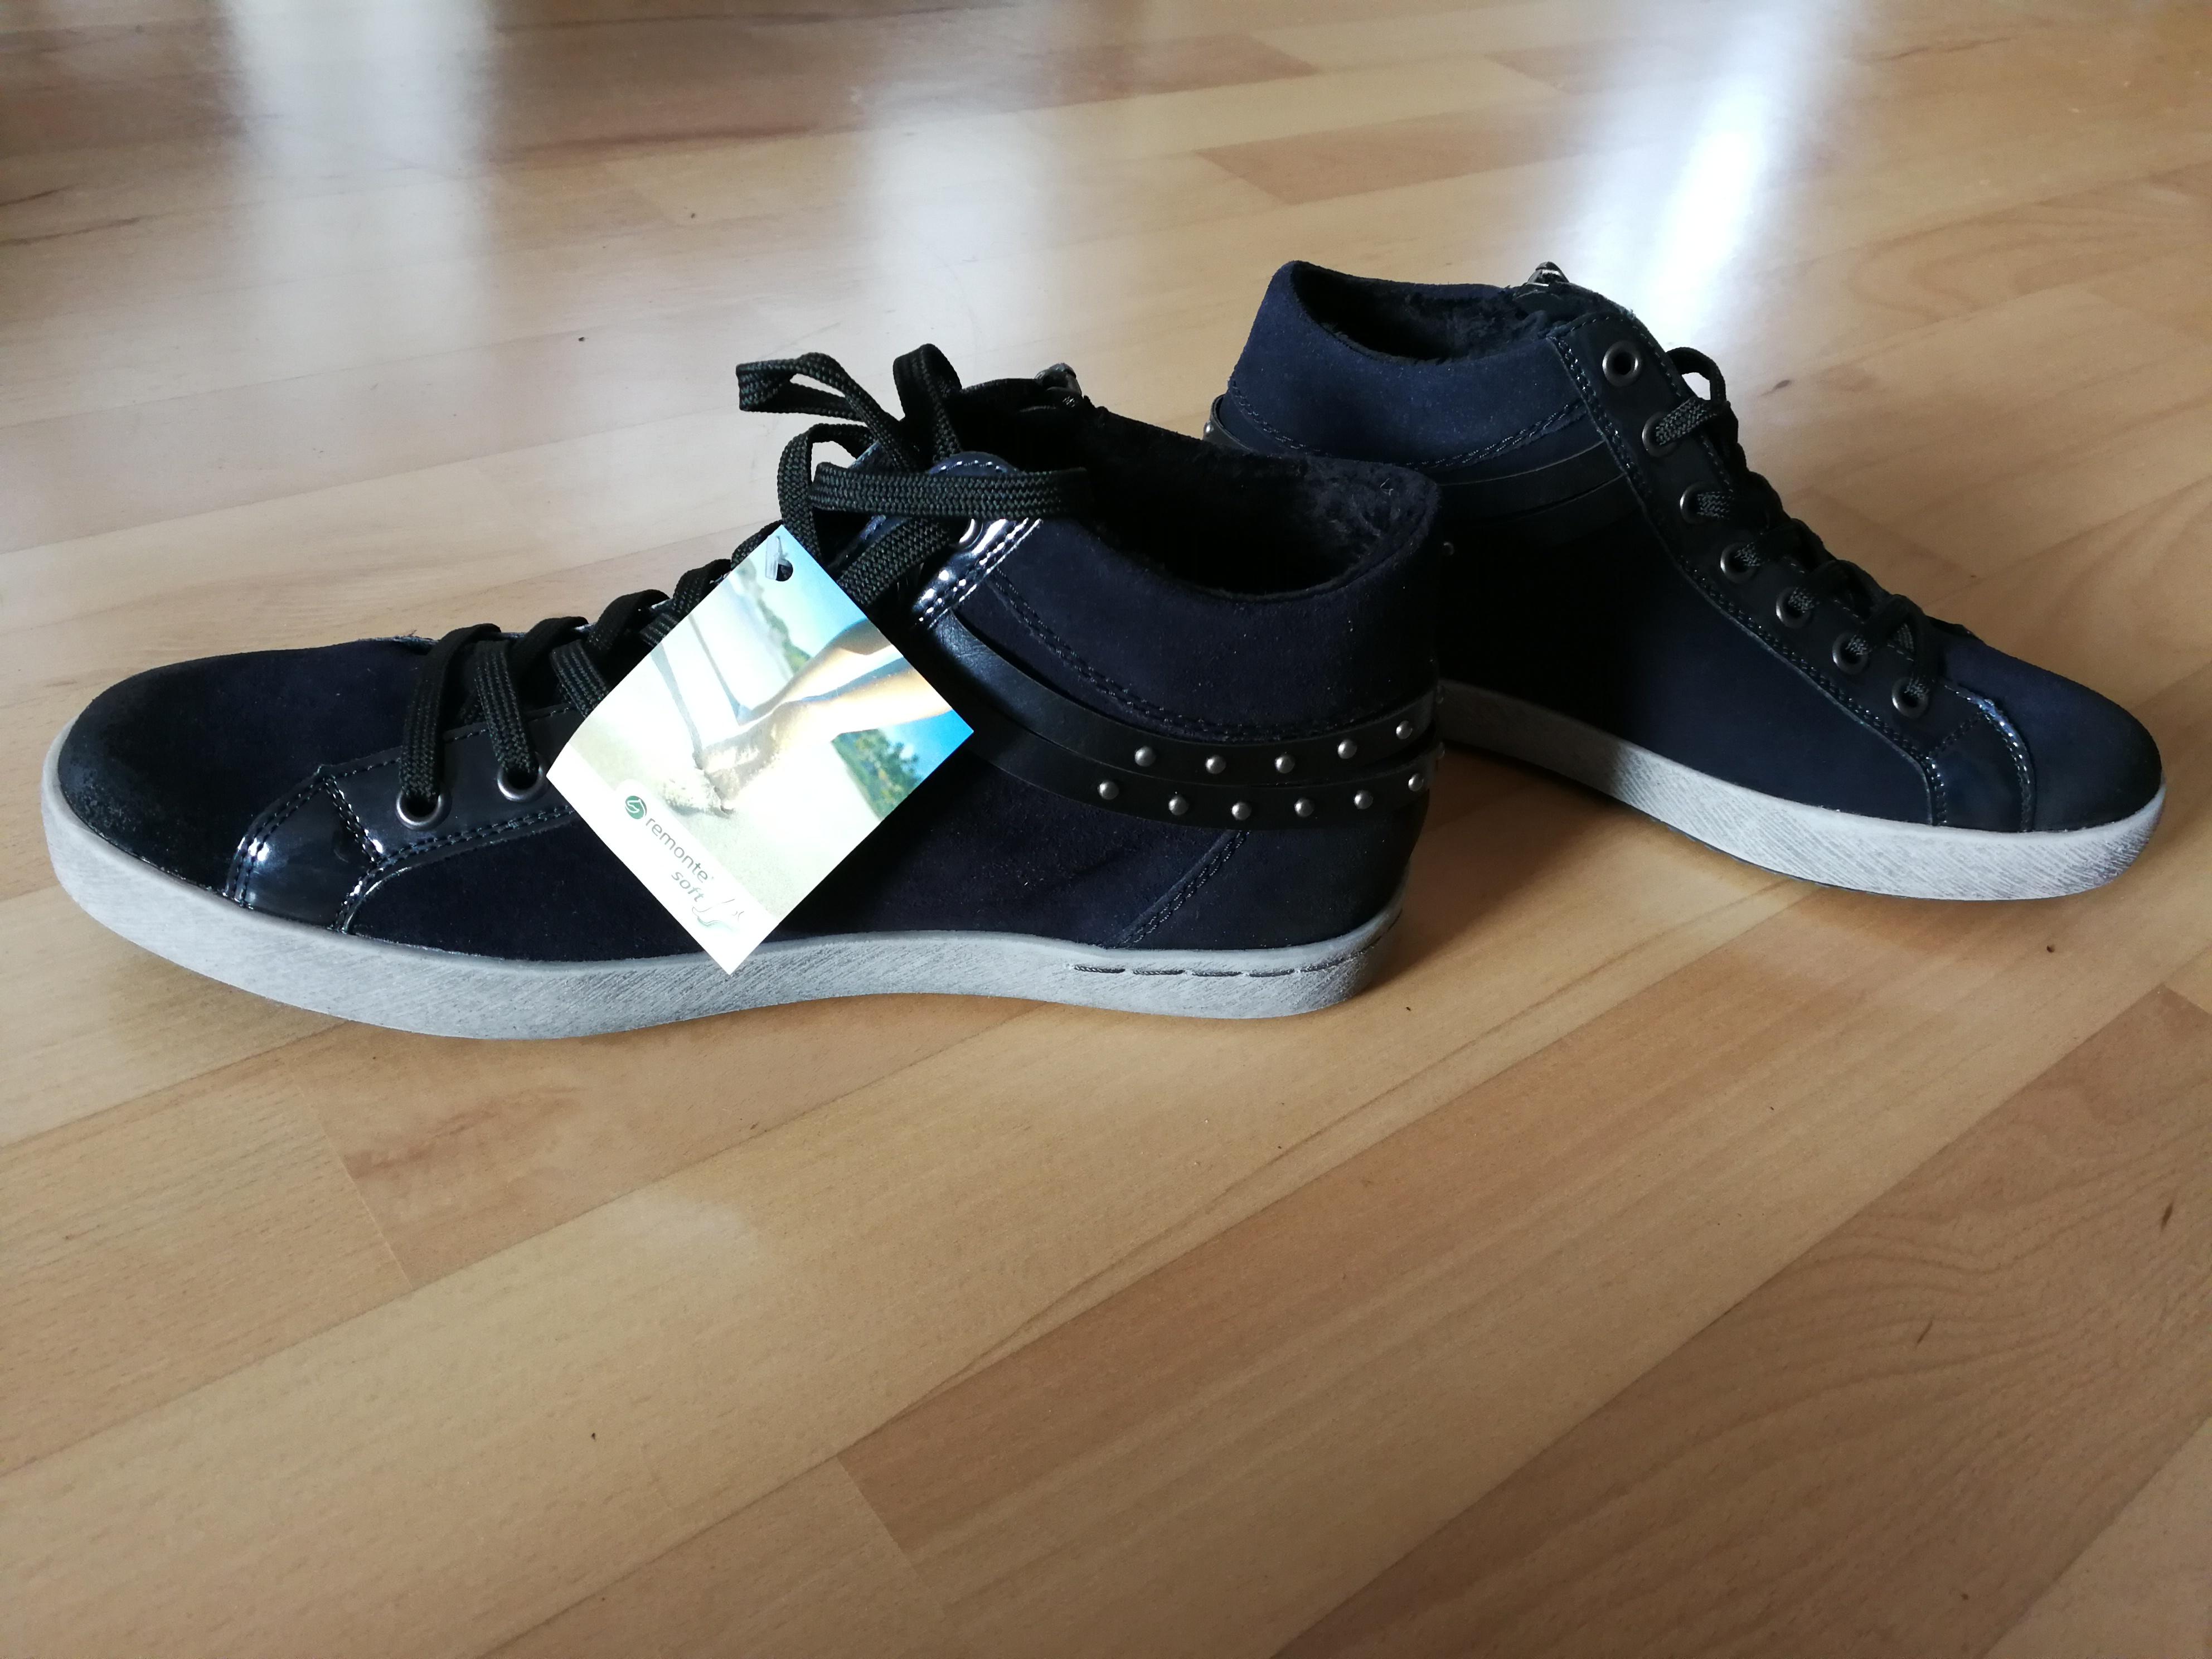 Bild Nummer 2 von dunkelblaue Sneaker li. 36/re.39